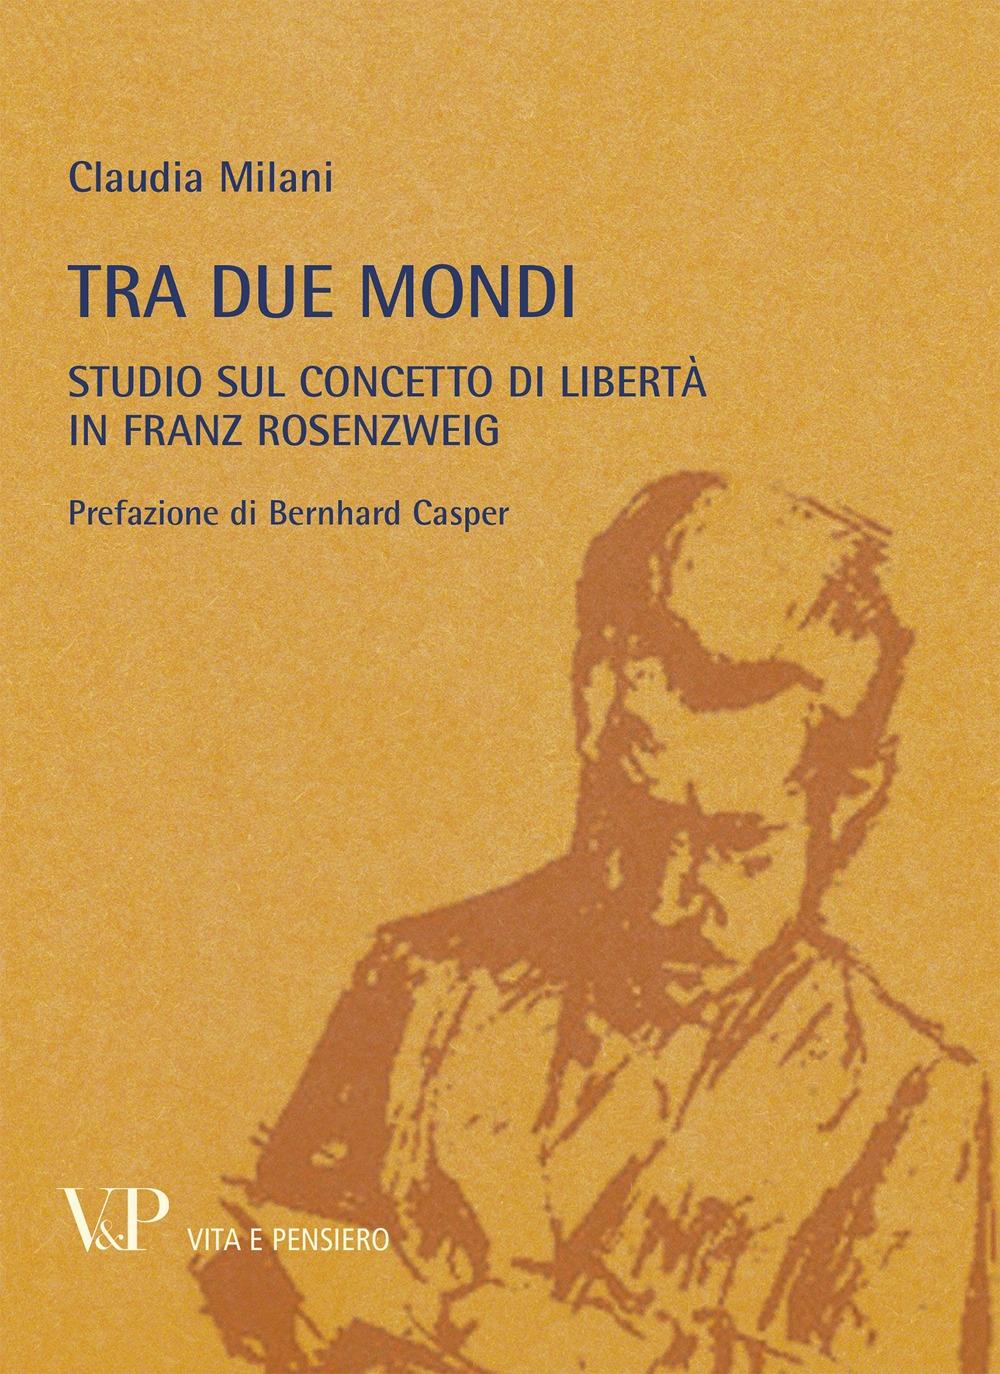 Metafisica e storia della metafisica. Vol. 37: Tra due mondi. Studio sul concetto di libertà in Franz Rosenzweig